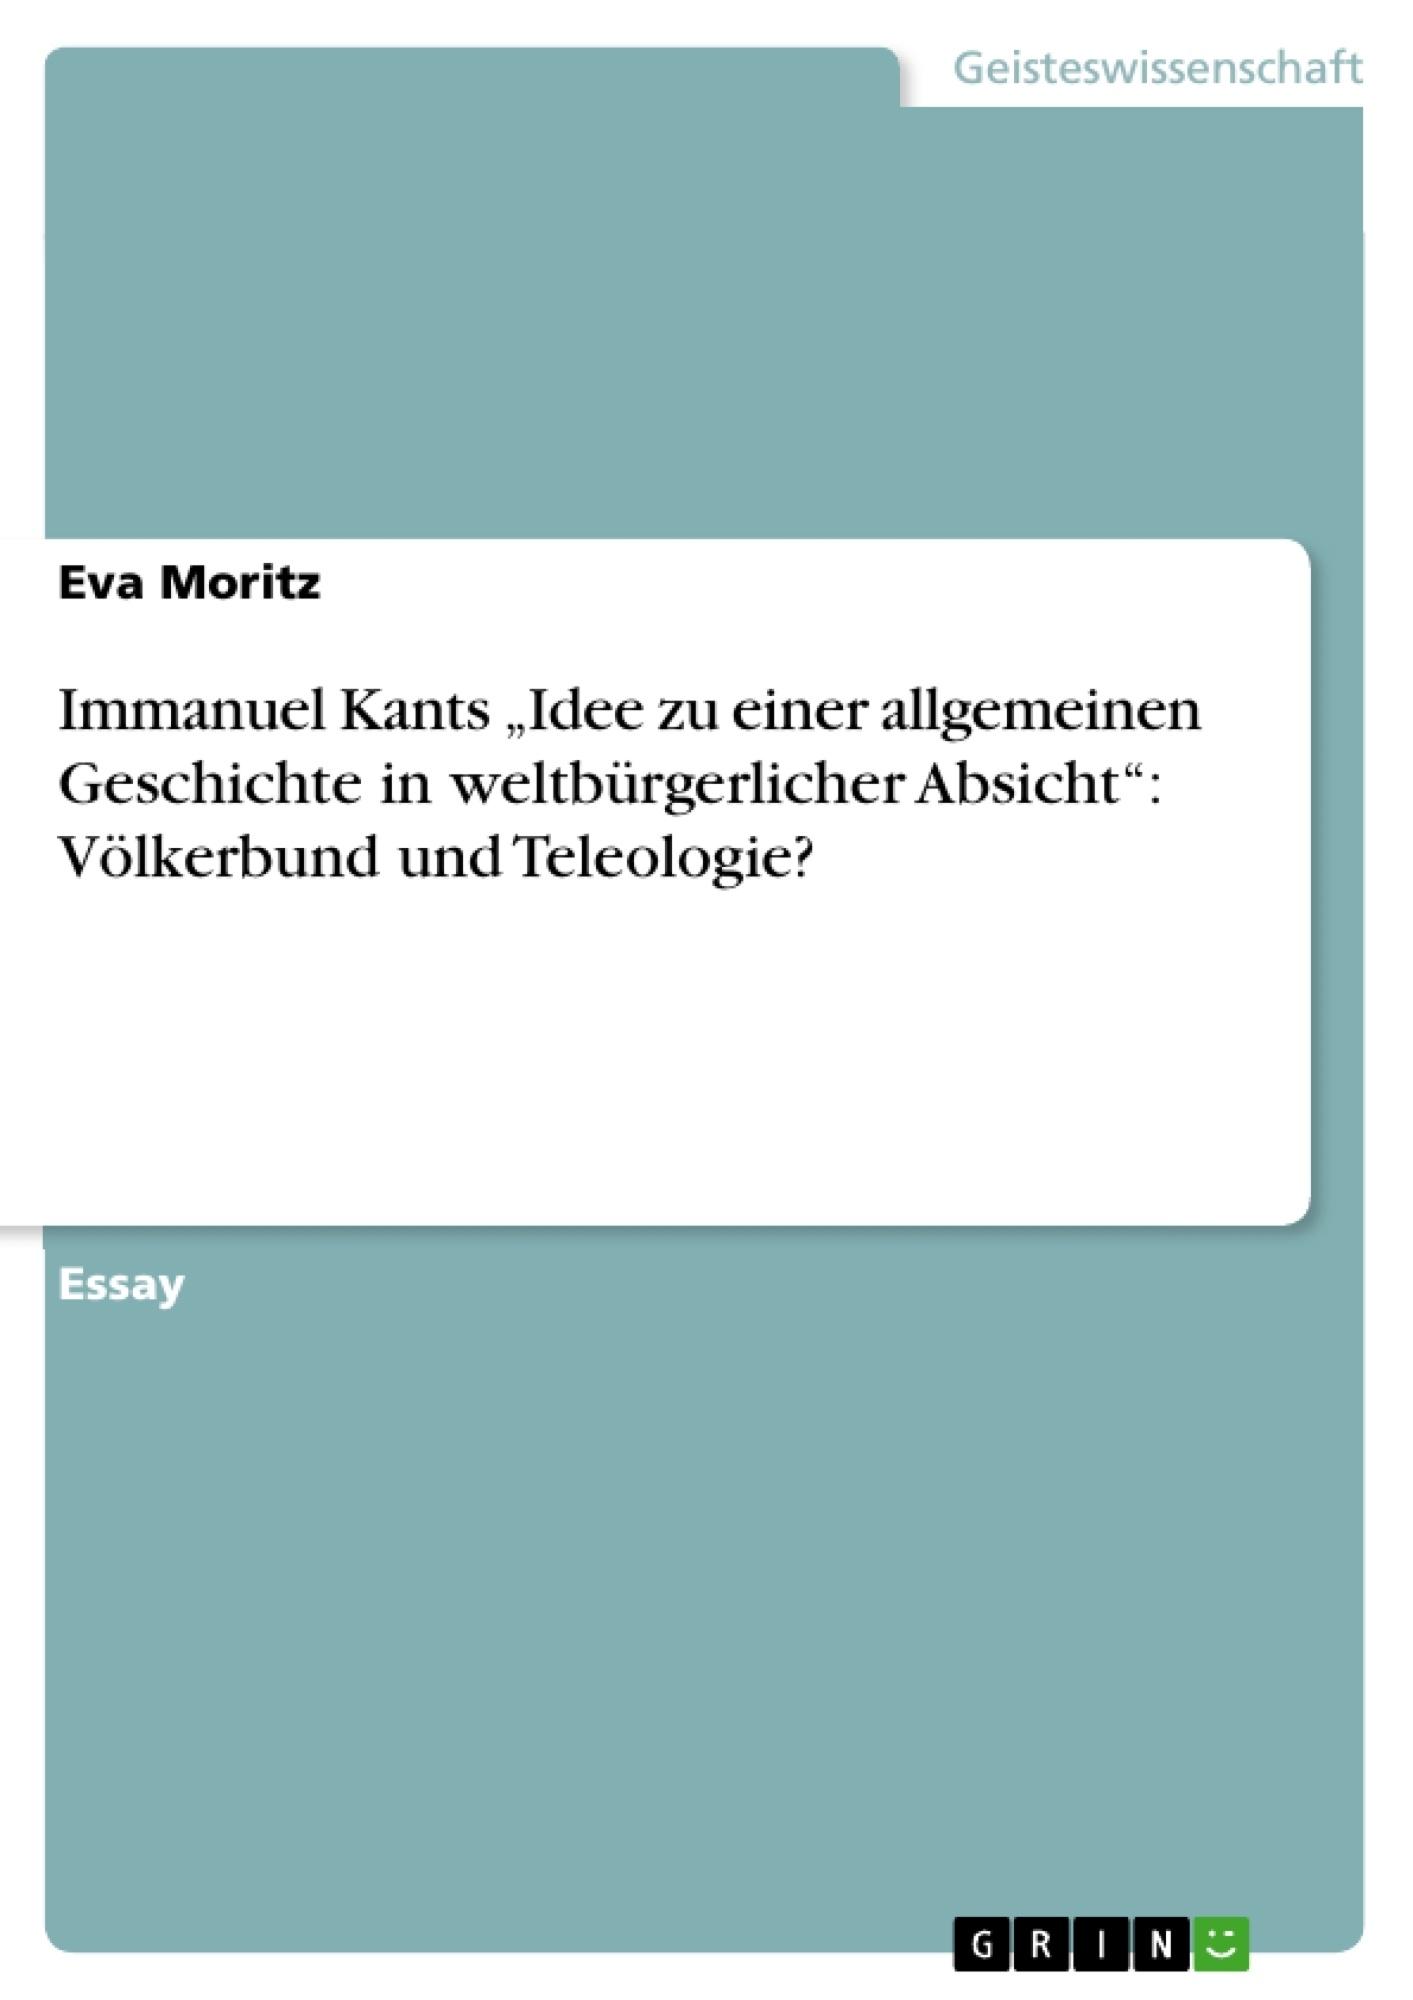 """Titel: Immanuel Kants """"Idee zu einer allgemeinen Geschichte in weltbürgerlicher Absicht"""": Völkerbund und Teleologie?"""